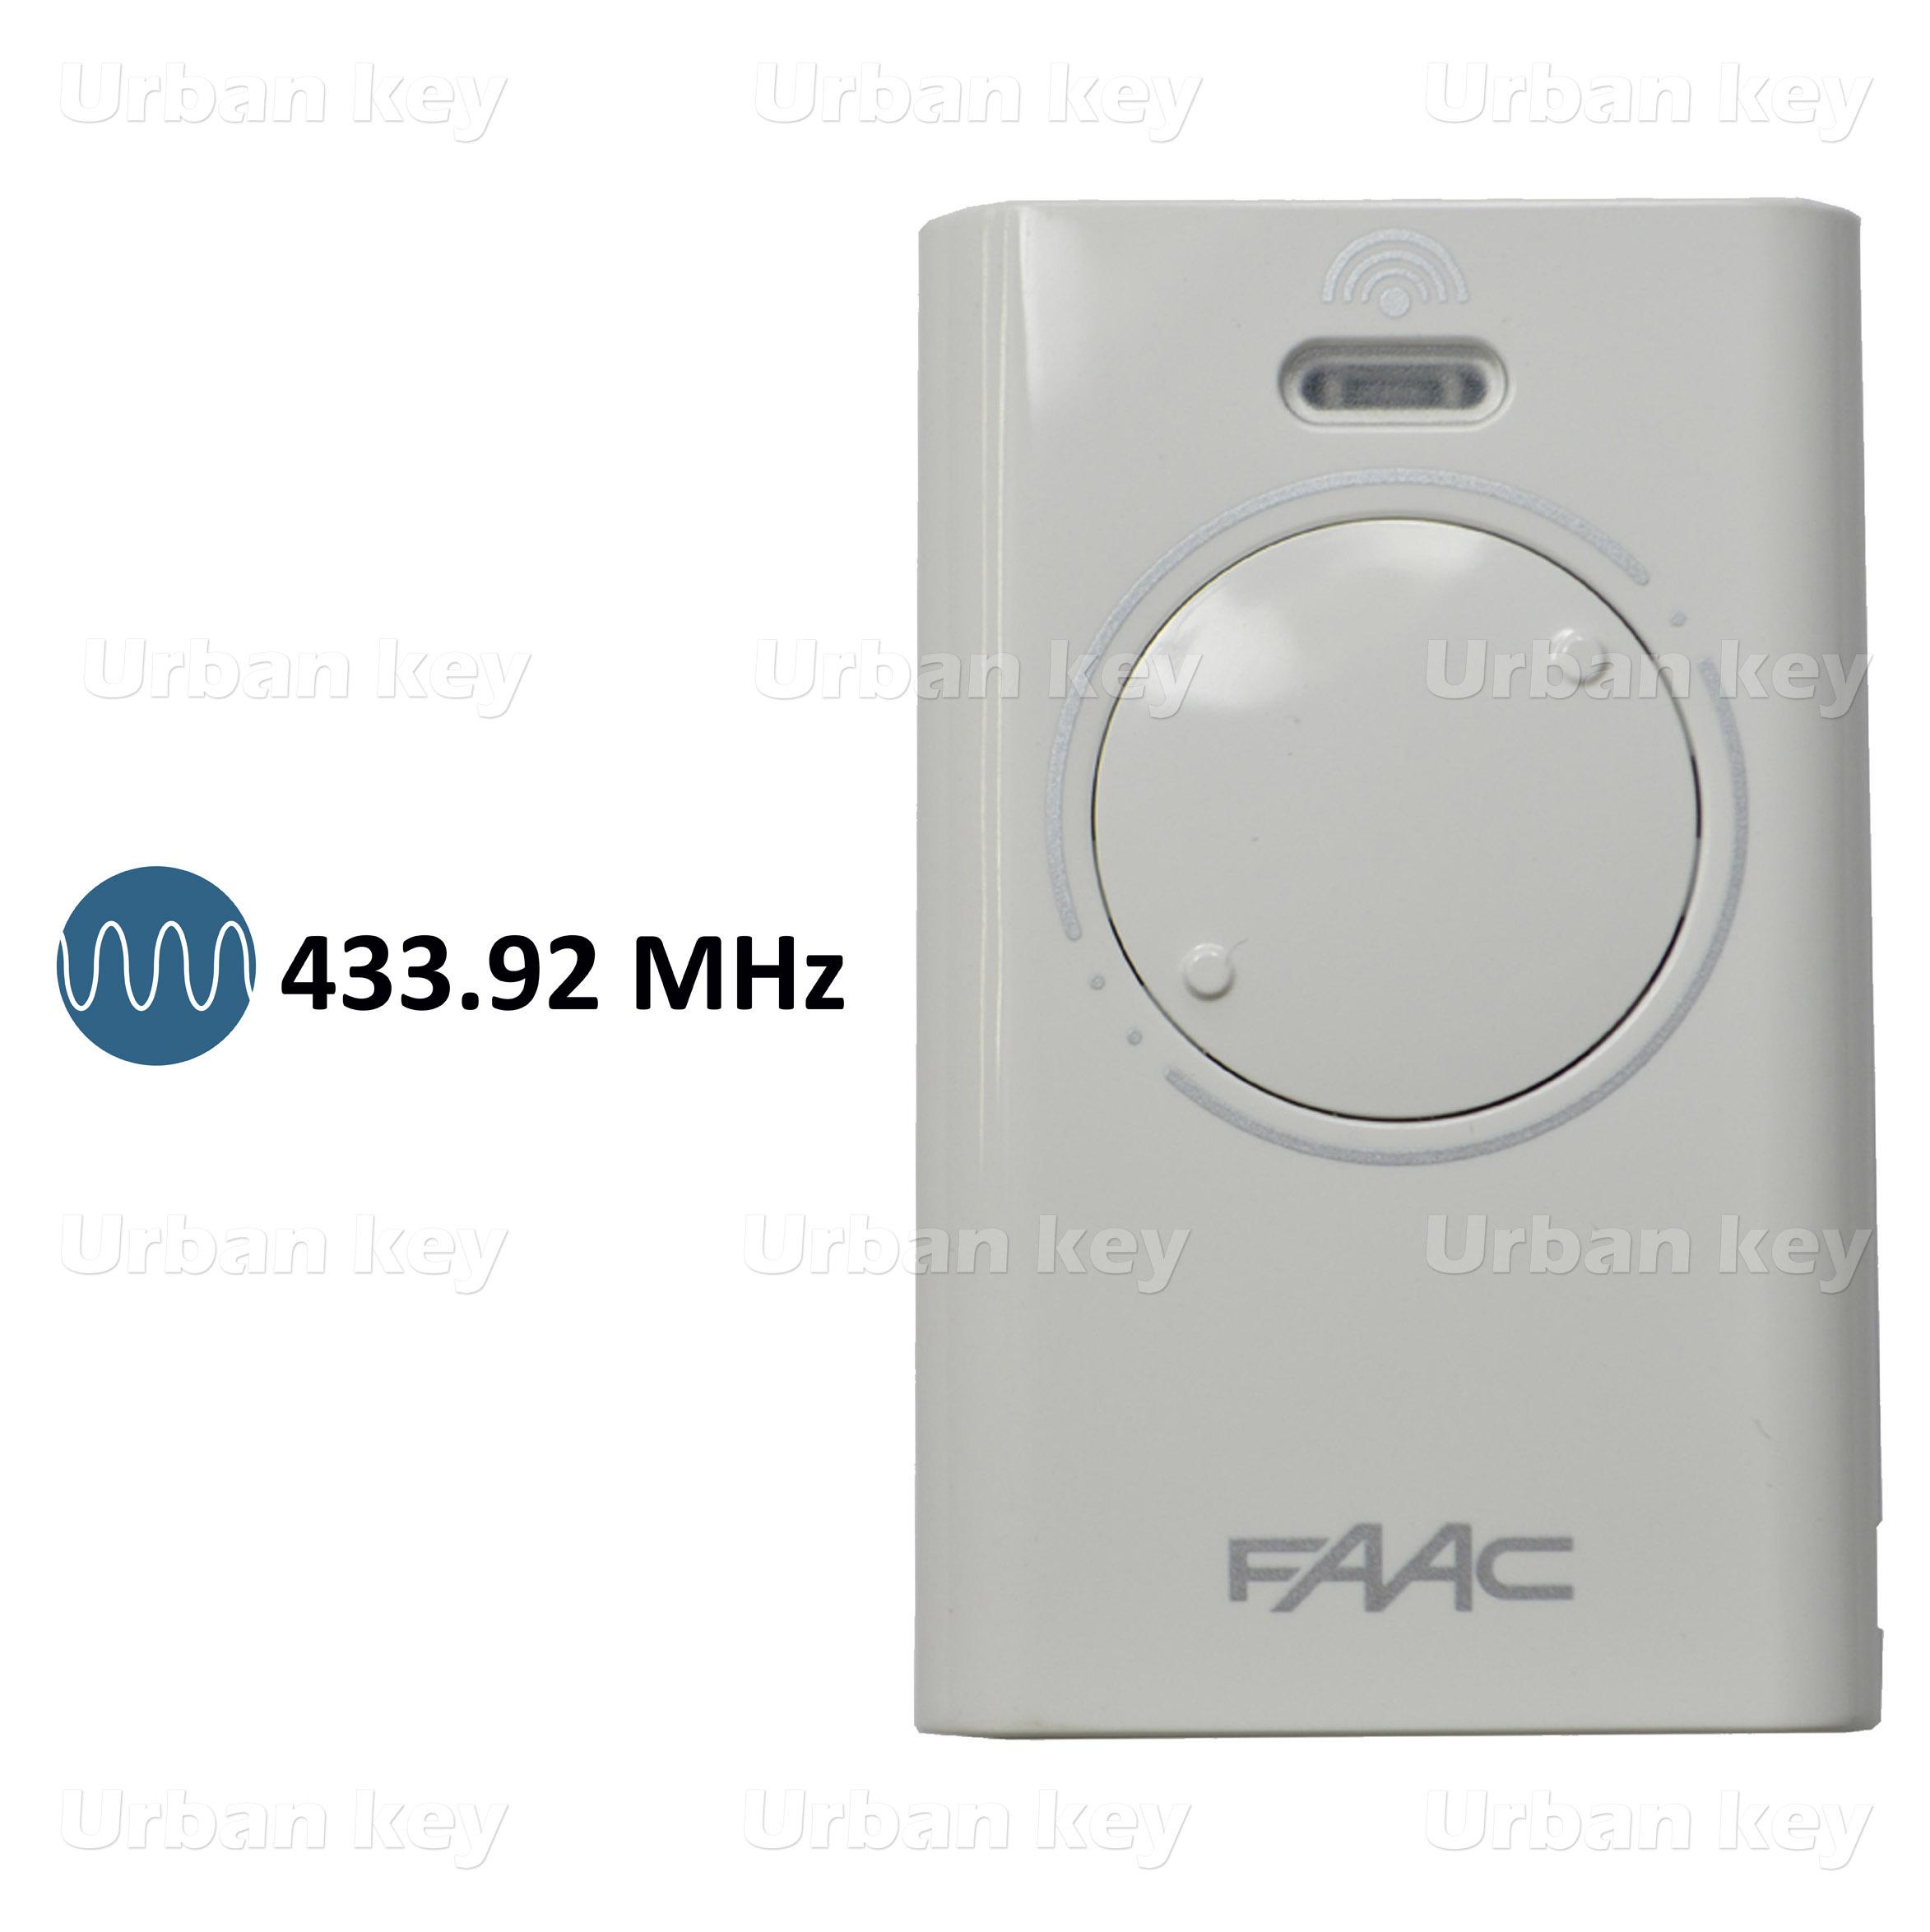 EMISSOR FAAC XT2SLH 433Mhz 2 CANAIS